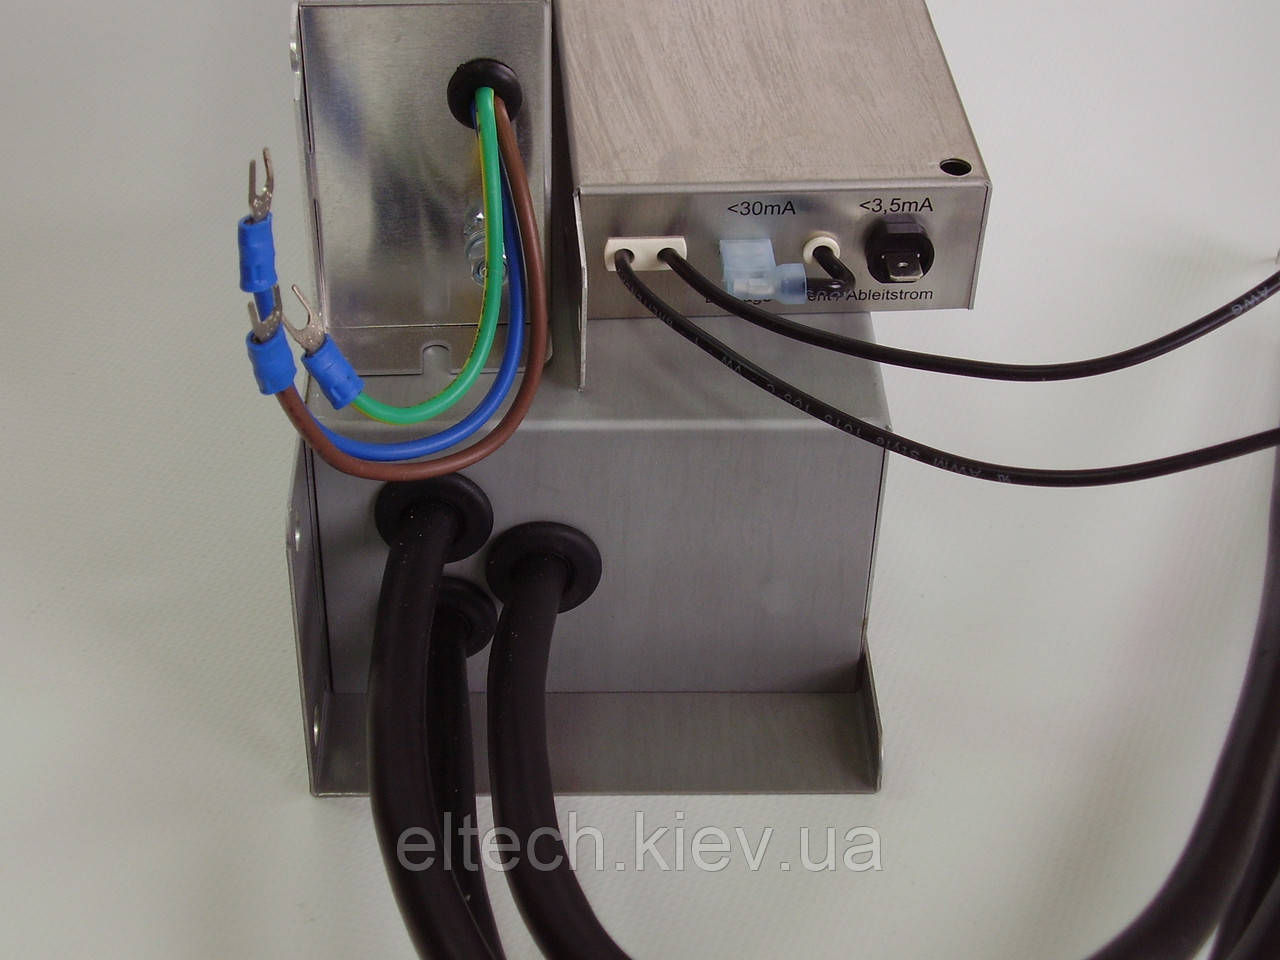 Фильтр сетевой FS25108-462-99 для SJ700-(2200)HFE2